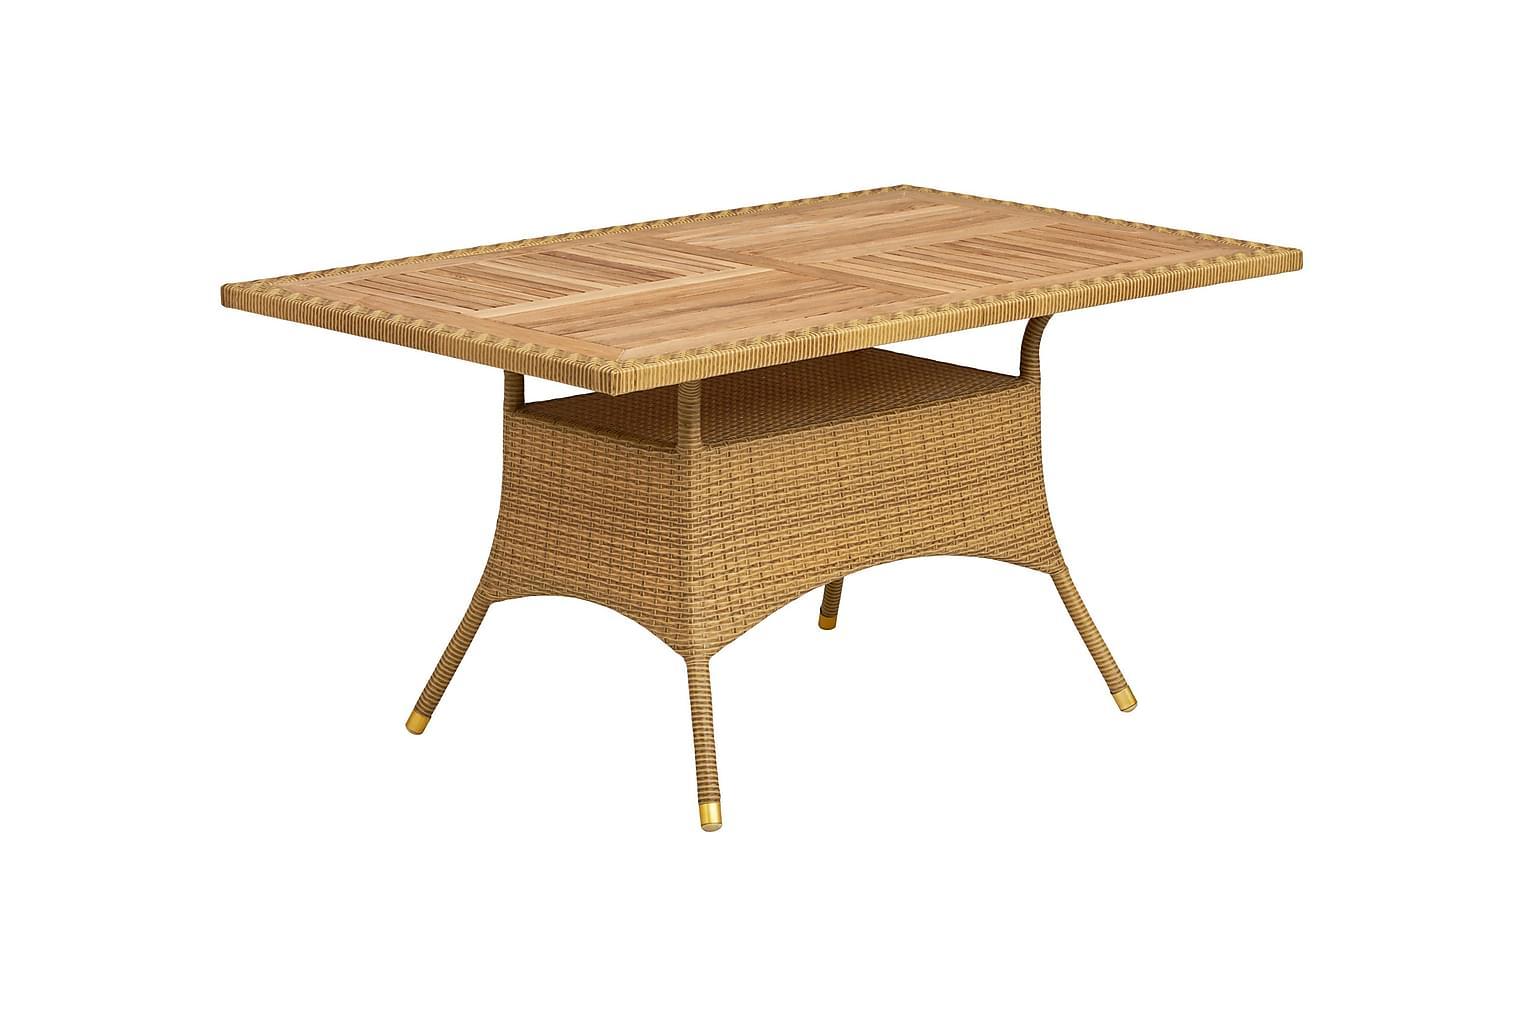 LÄRBRO Pöytä 150 Tiikki/Luonnonväri